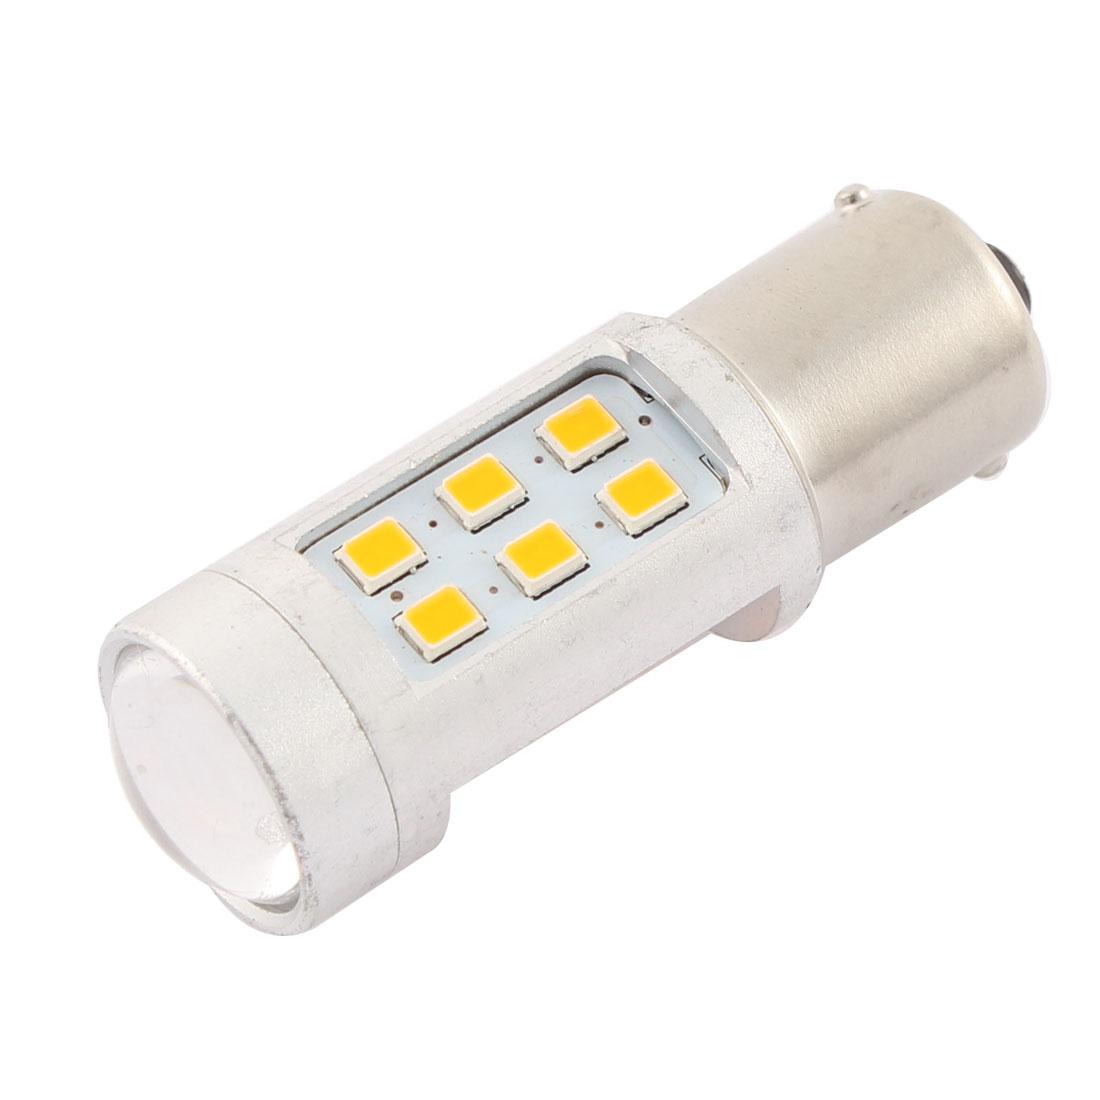 Auto Car 1156 BA15S P21W Yellow LED Turn Backup Bulb Light DC 12V